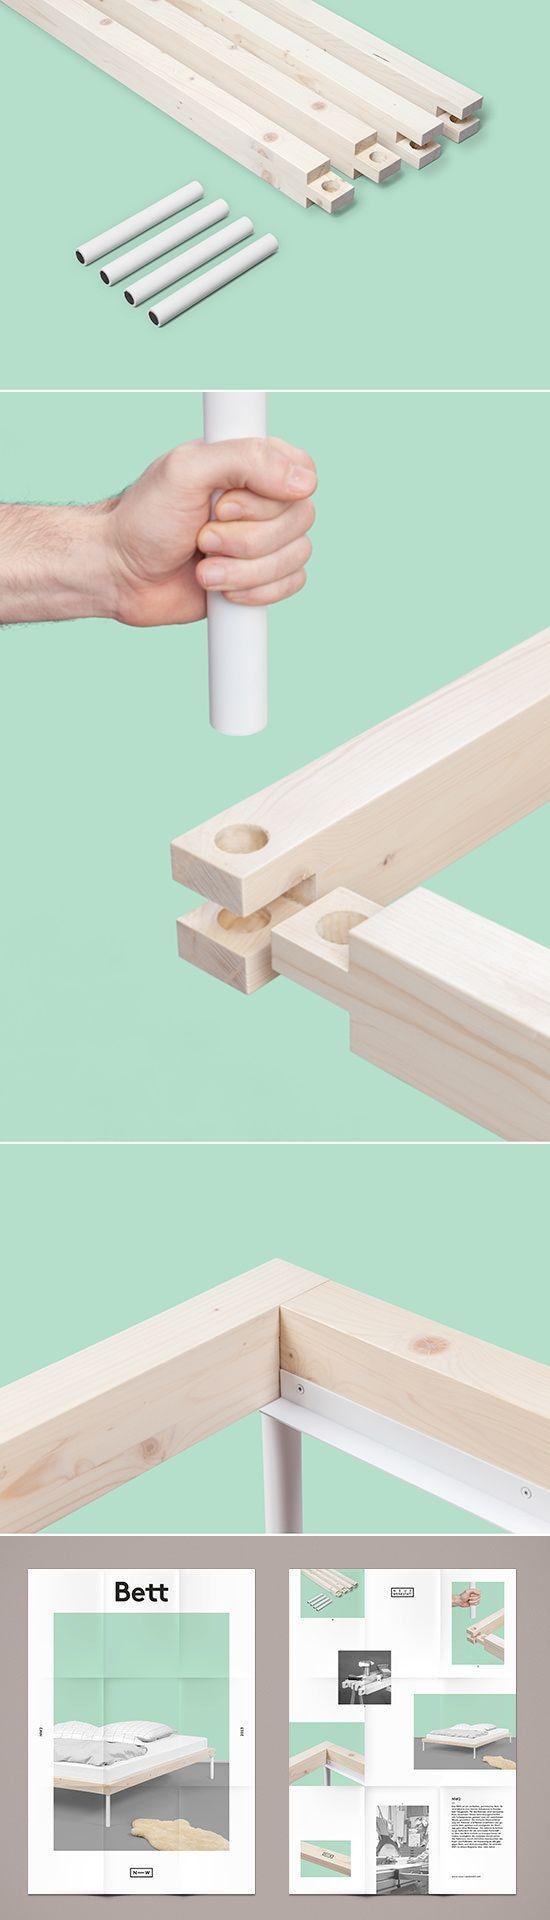 Union de piezas mediante una llave